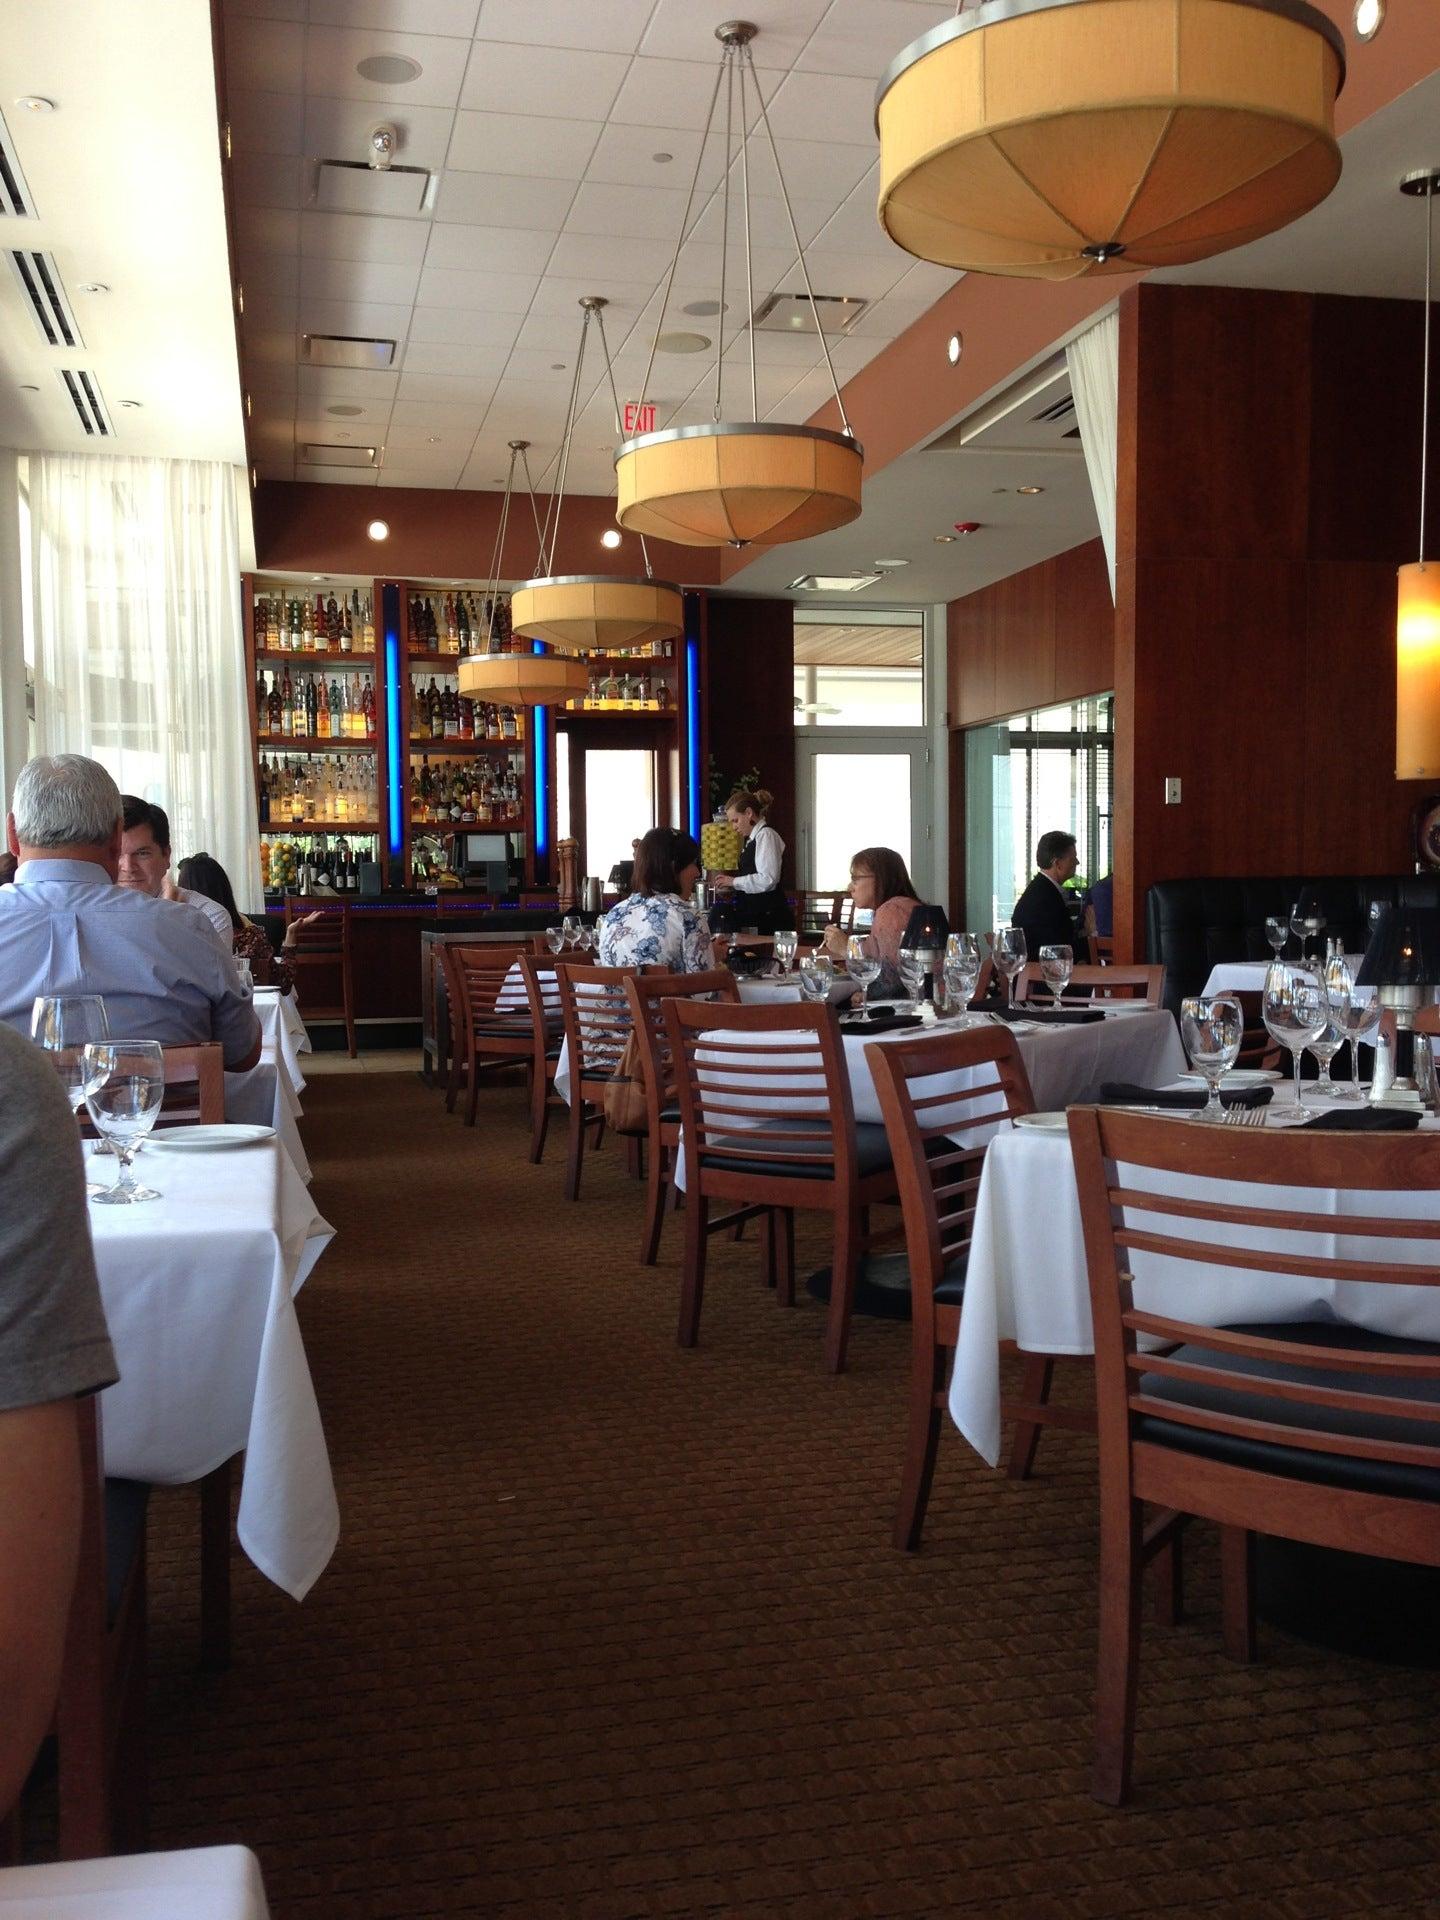 Wests Tampa Restaurants Best